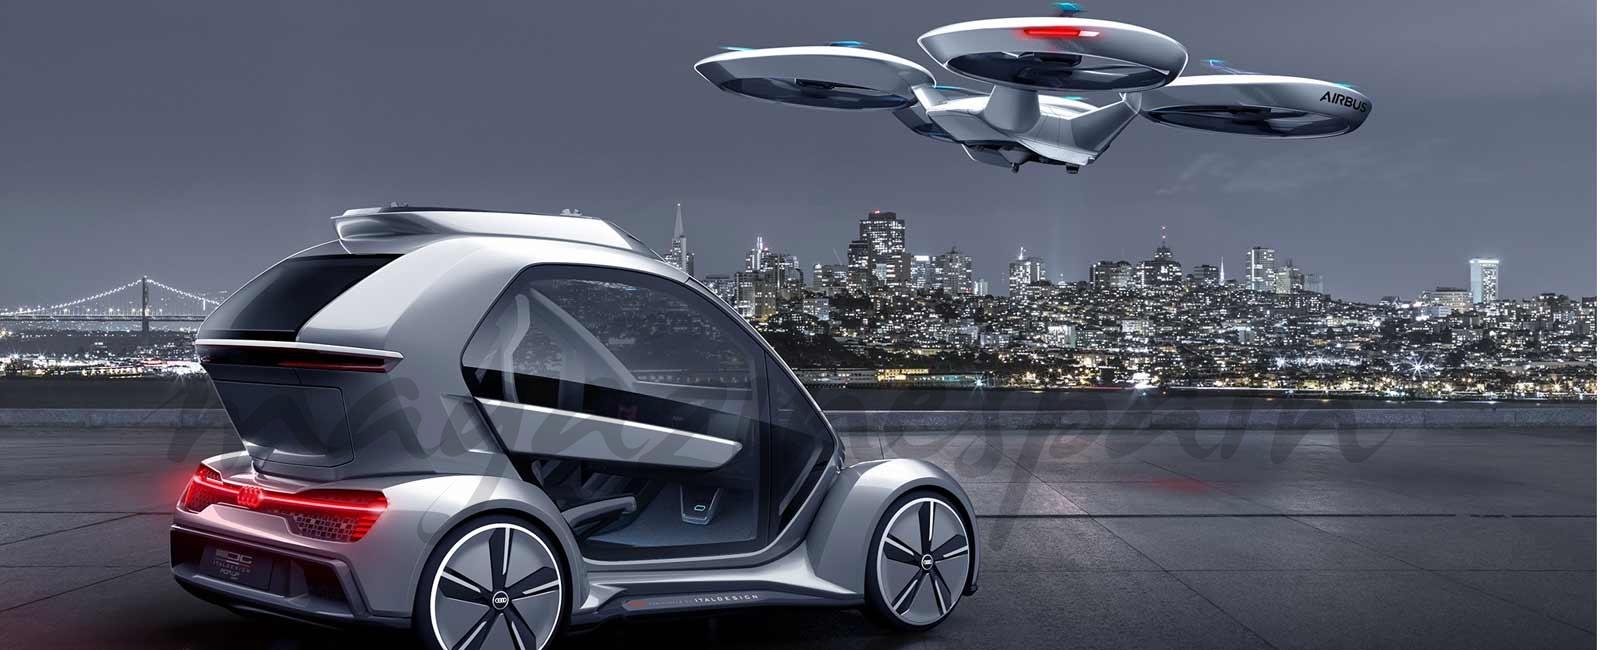 Salón del Automóvil de Ginebra… ¿Coches que vuelan?